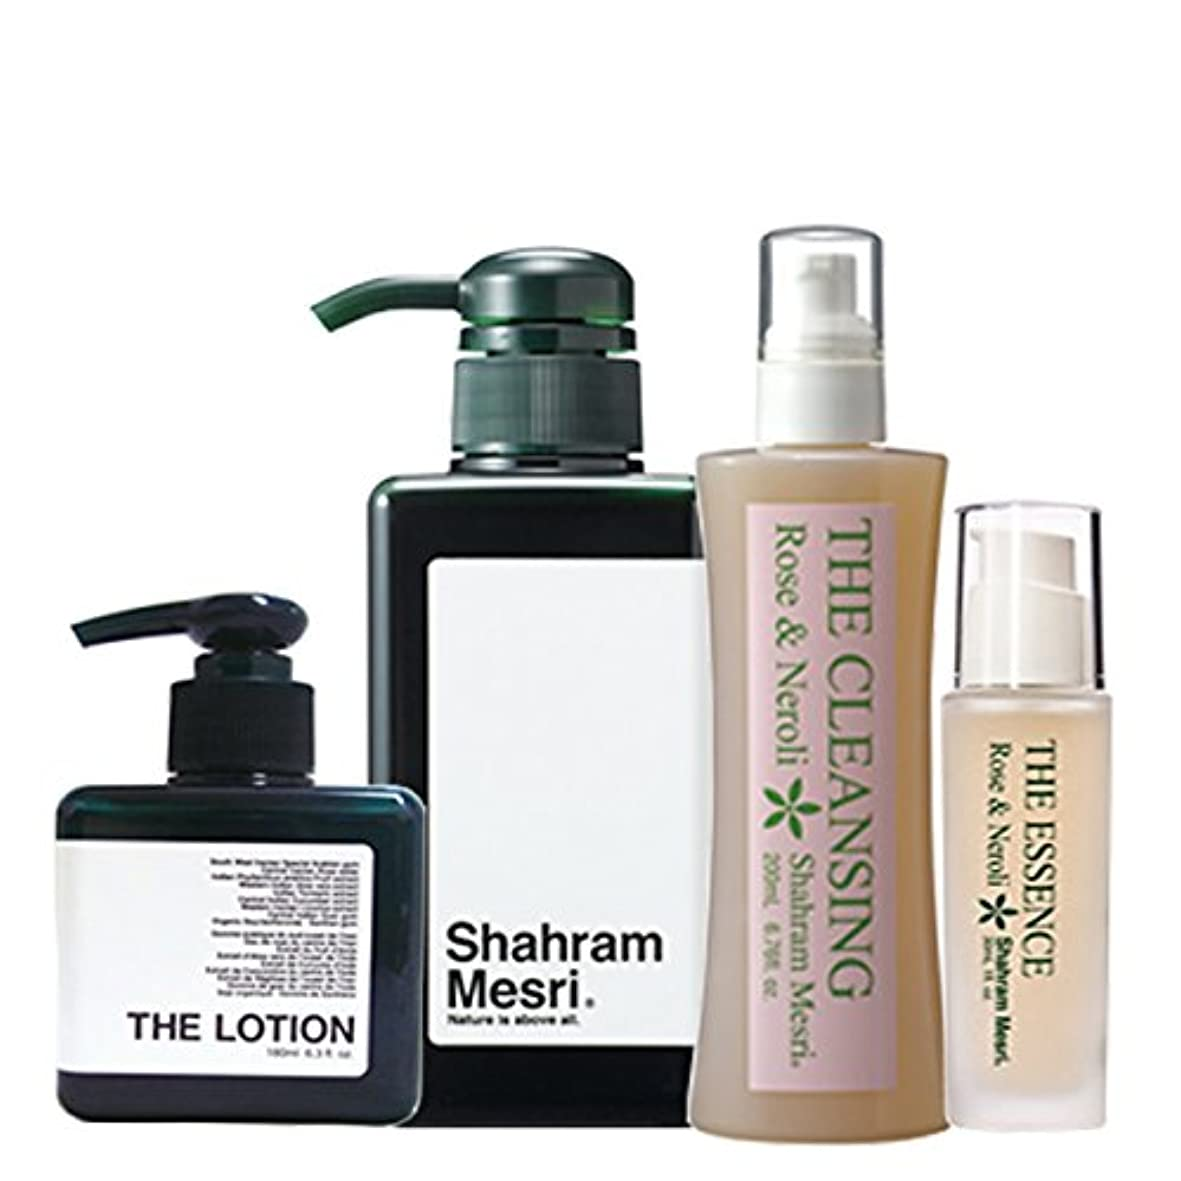 ありがたいにんじん合成Shahram Mesri パーフェクトセット シャハランメスリ ザ?シャンプー ザ?ローション ザ?クレンジング ザ?エッセンス のセットです。 お化粧落としからシャンプーそしてローションエッセンスの仕上げまで お試しください。